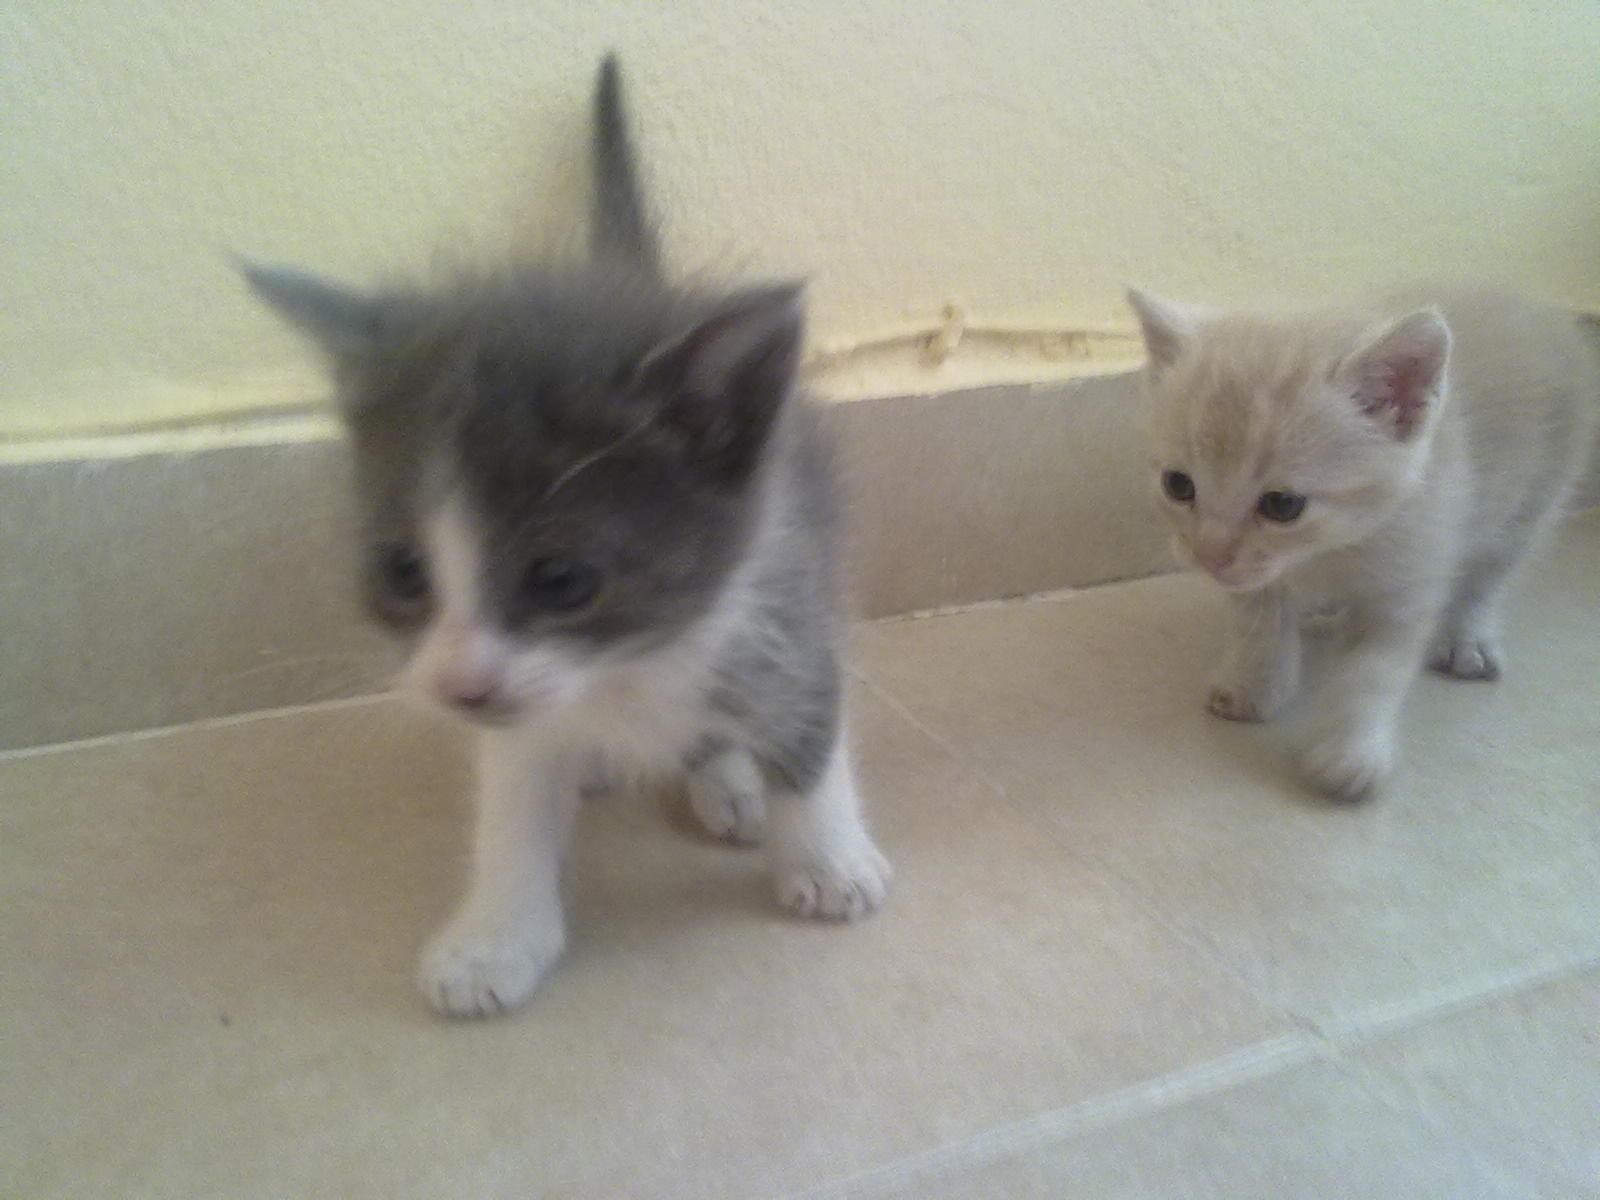 Hola chicos, encontramos ayer 15 de abril tirados estos 2 gatitos, uno es blanco y gris el otro cremita tienen alrededor de 40 dias,el gris es macho y el